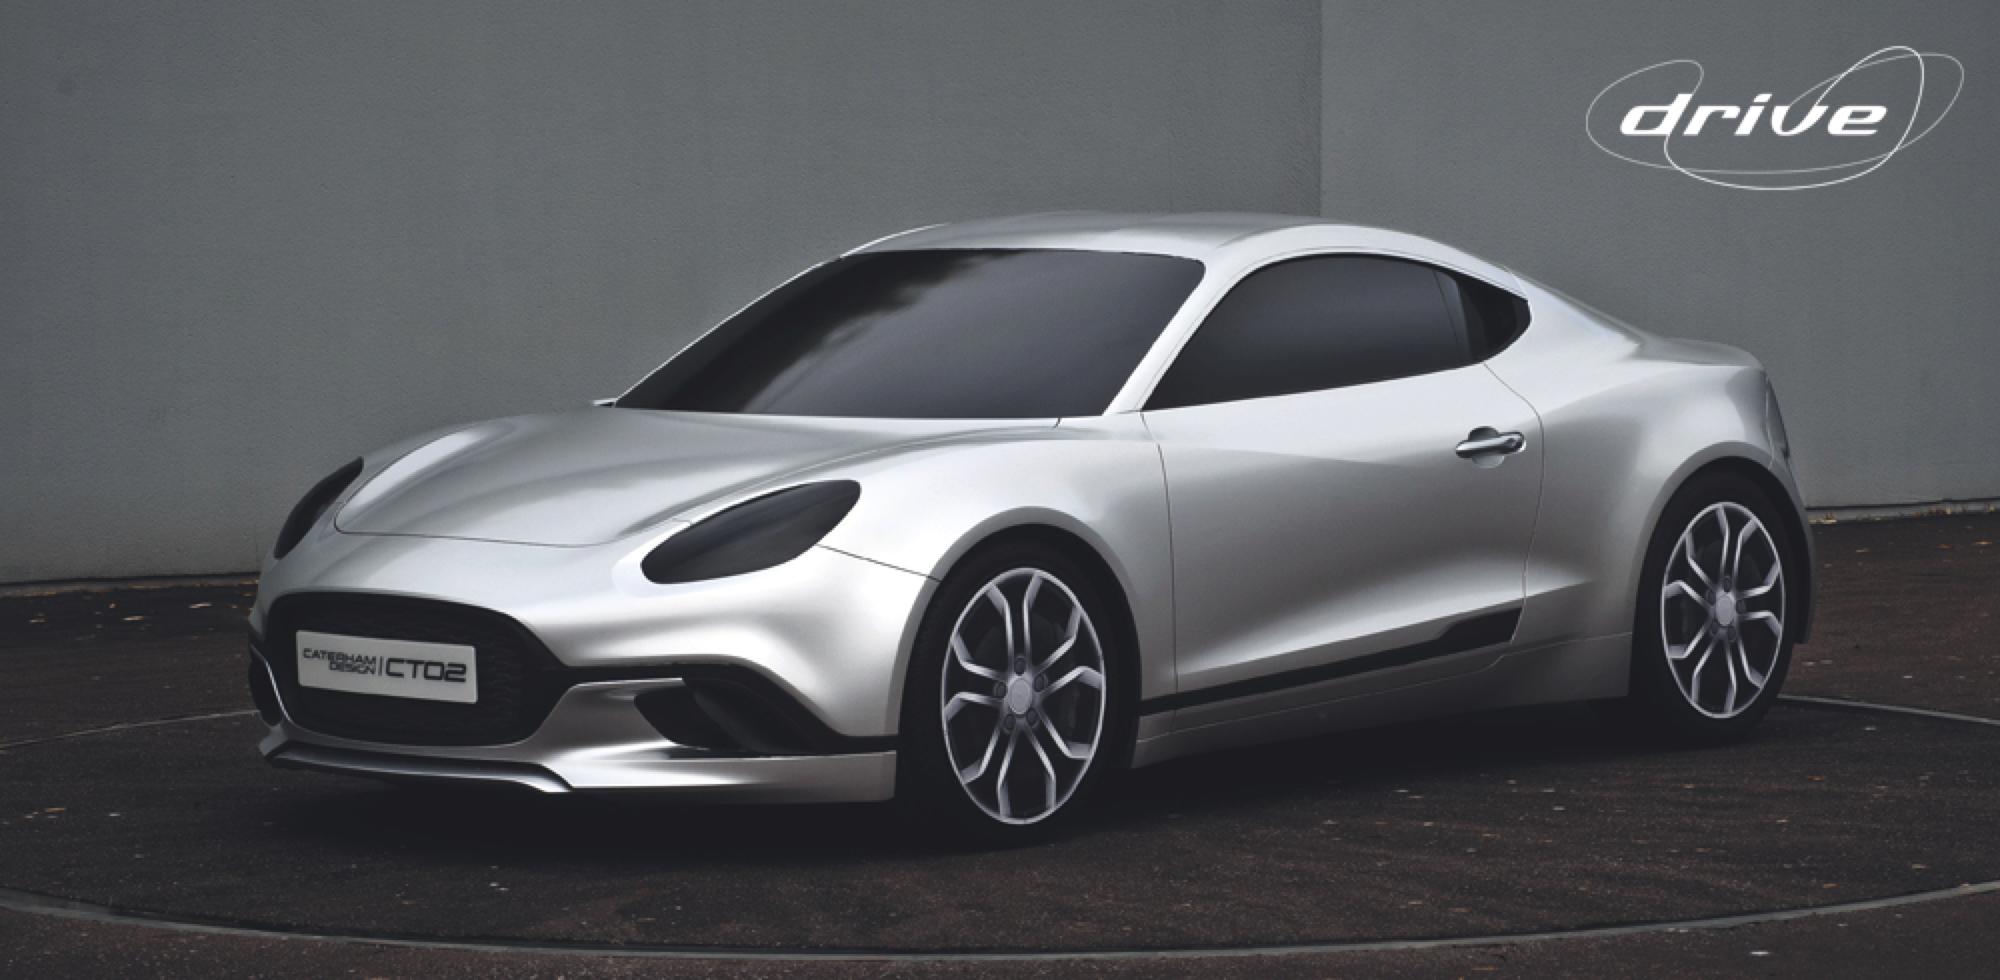 Caterham C120 Concept - Drive Design - Autovisie.nl